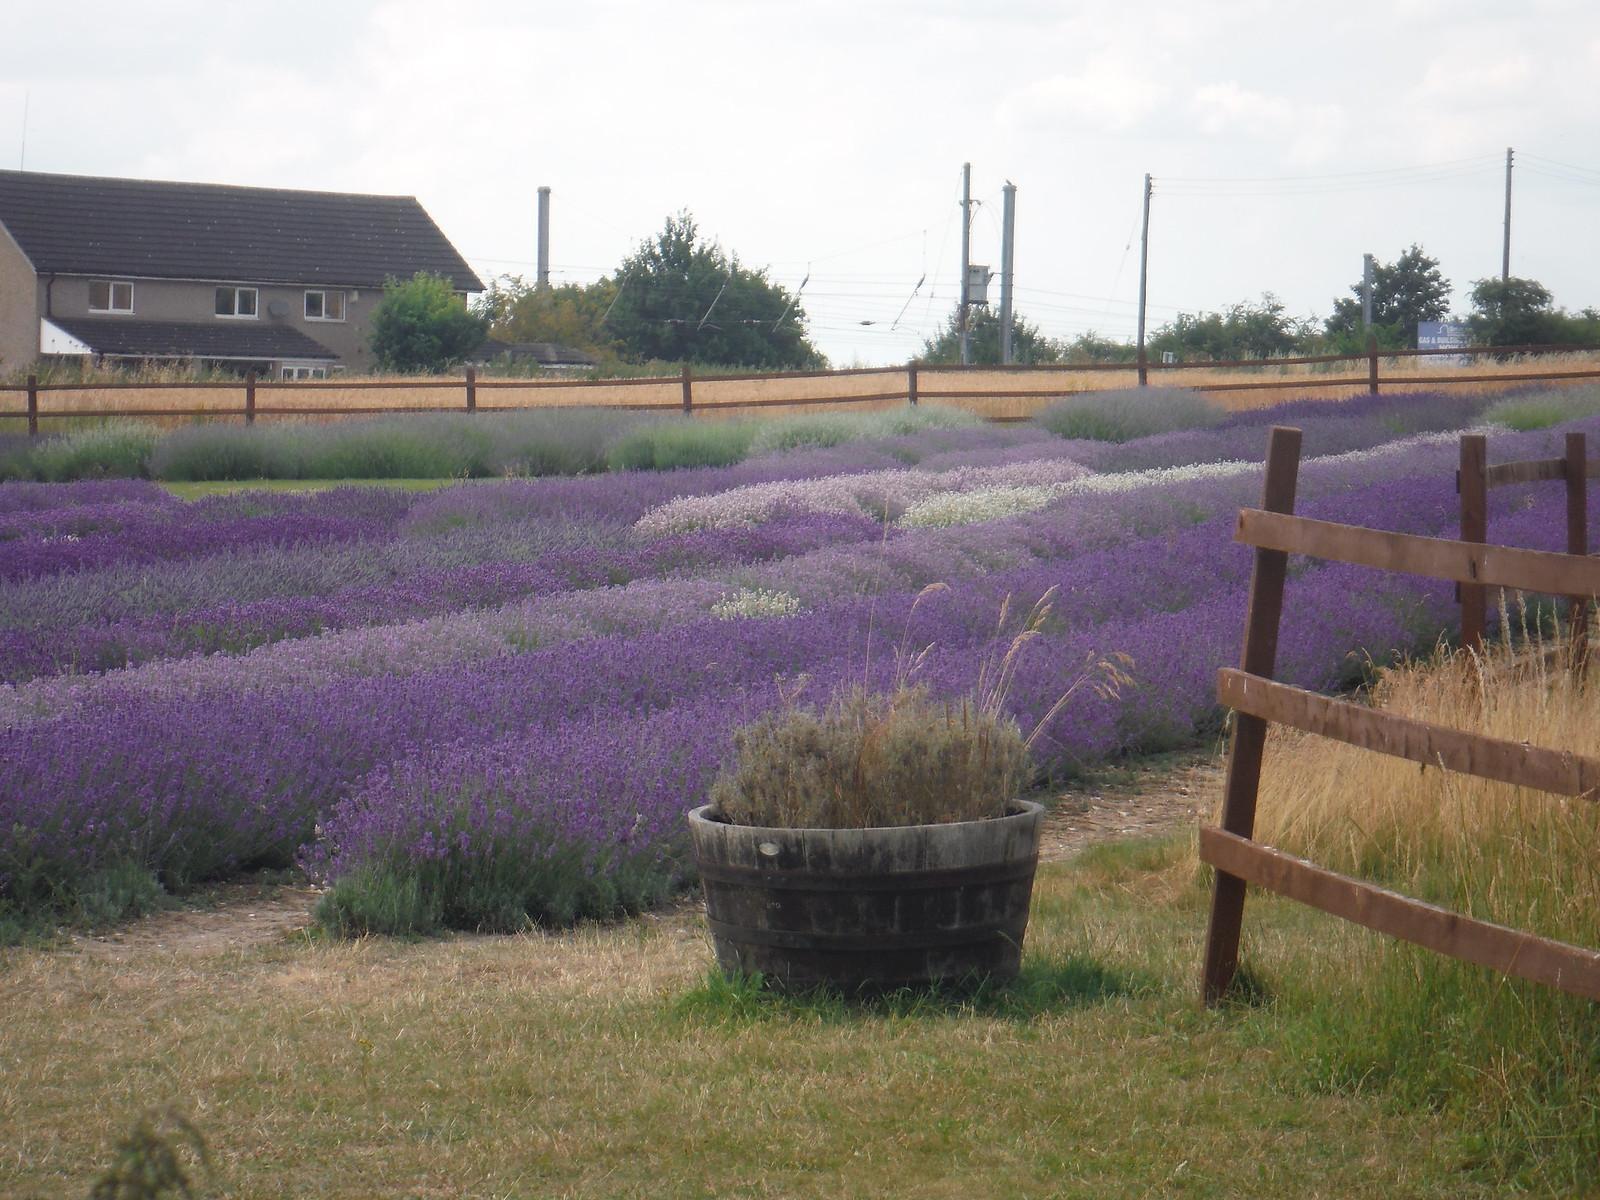 Nursery Field, Hitchin Lavender (Cadwell Farm) SWC Walk 233 - Arlesey to Letchworth Garden City